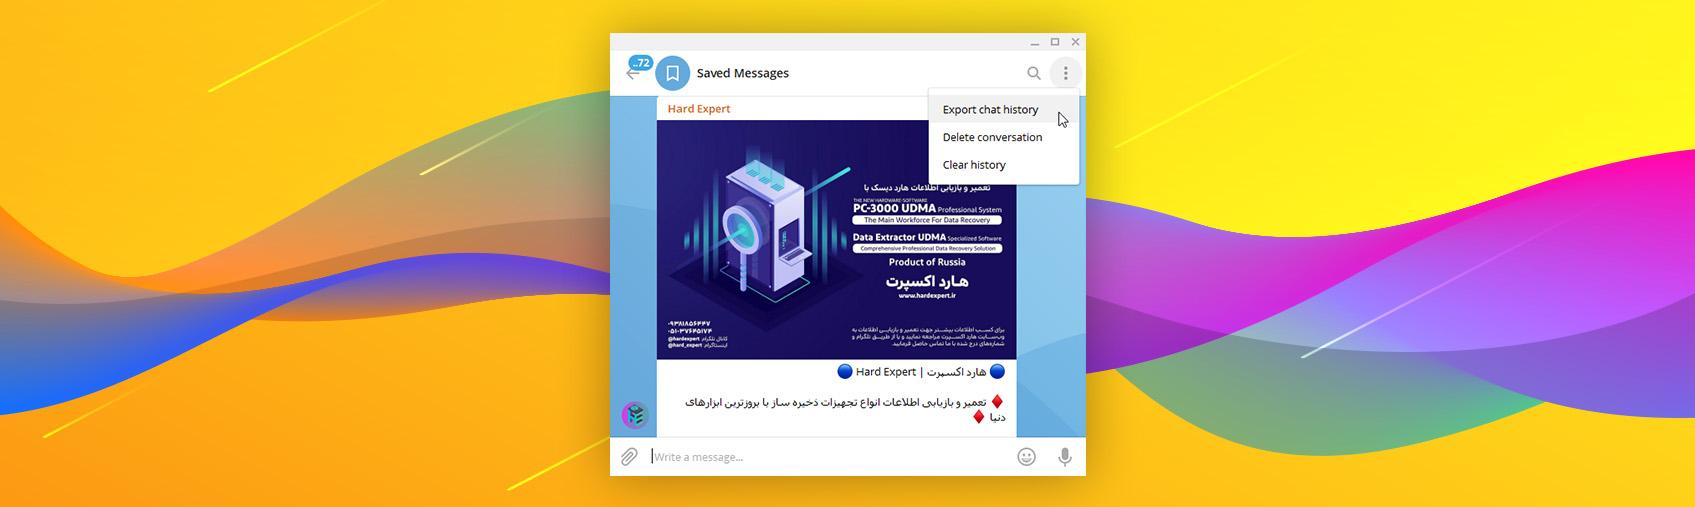 پشتیبانگیری همه اطلاعات تلگرام